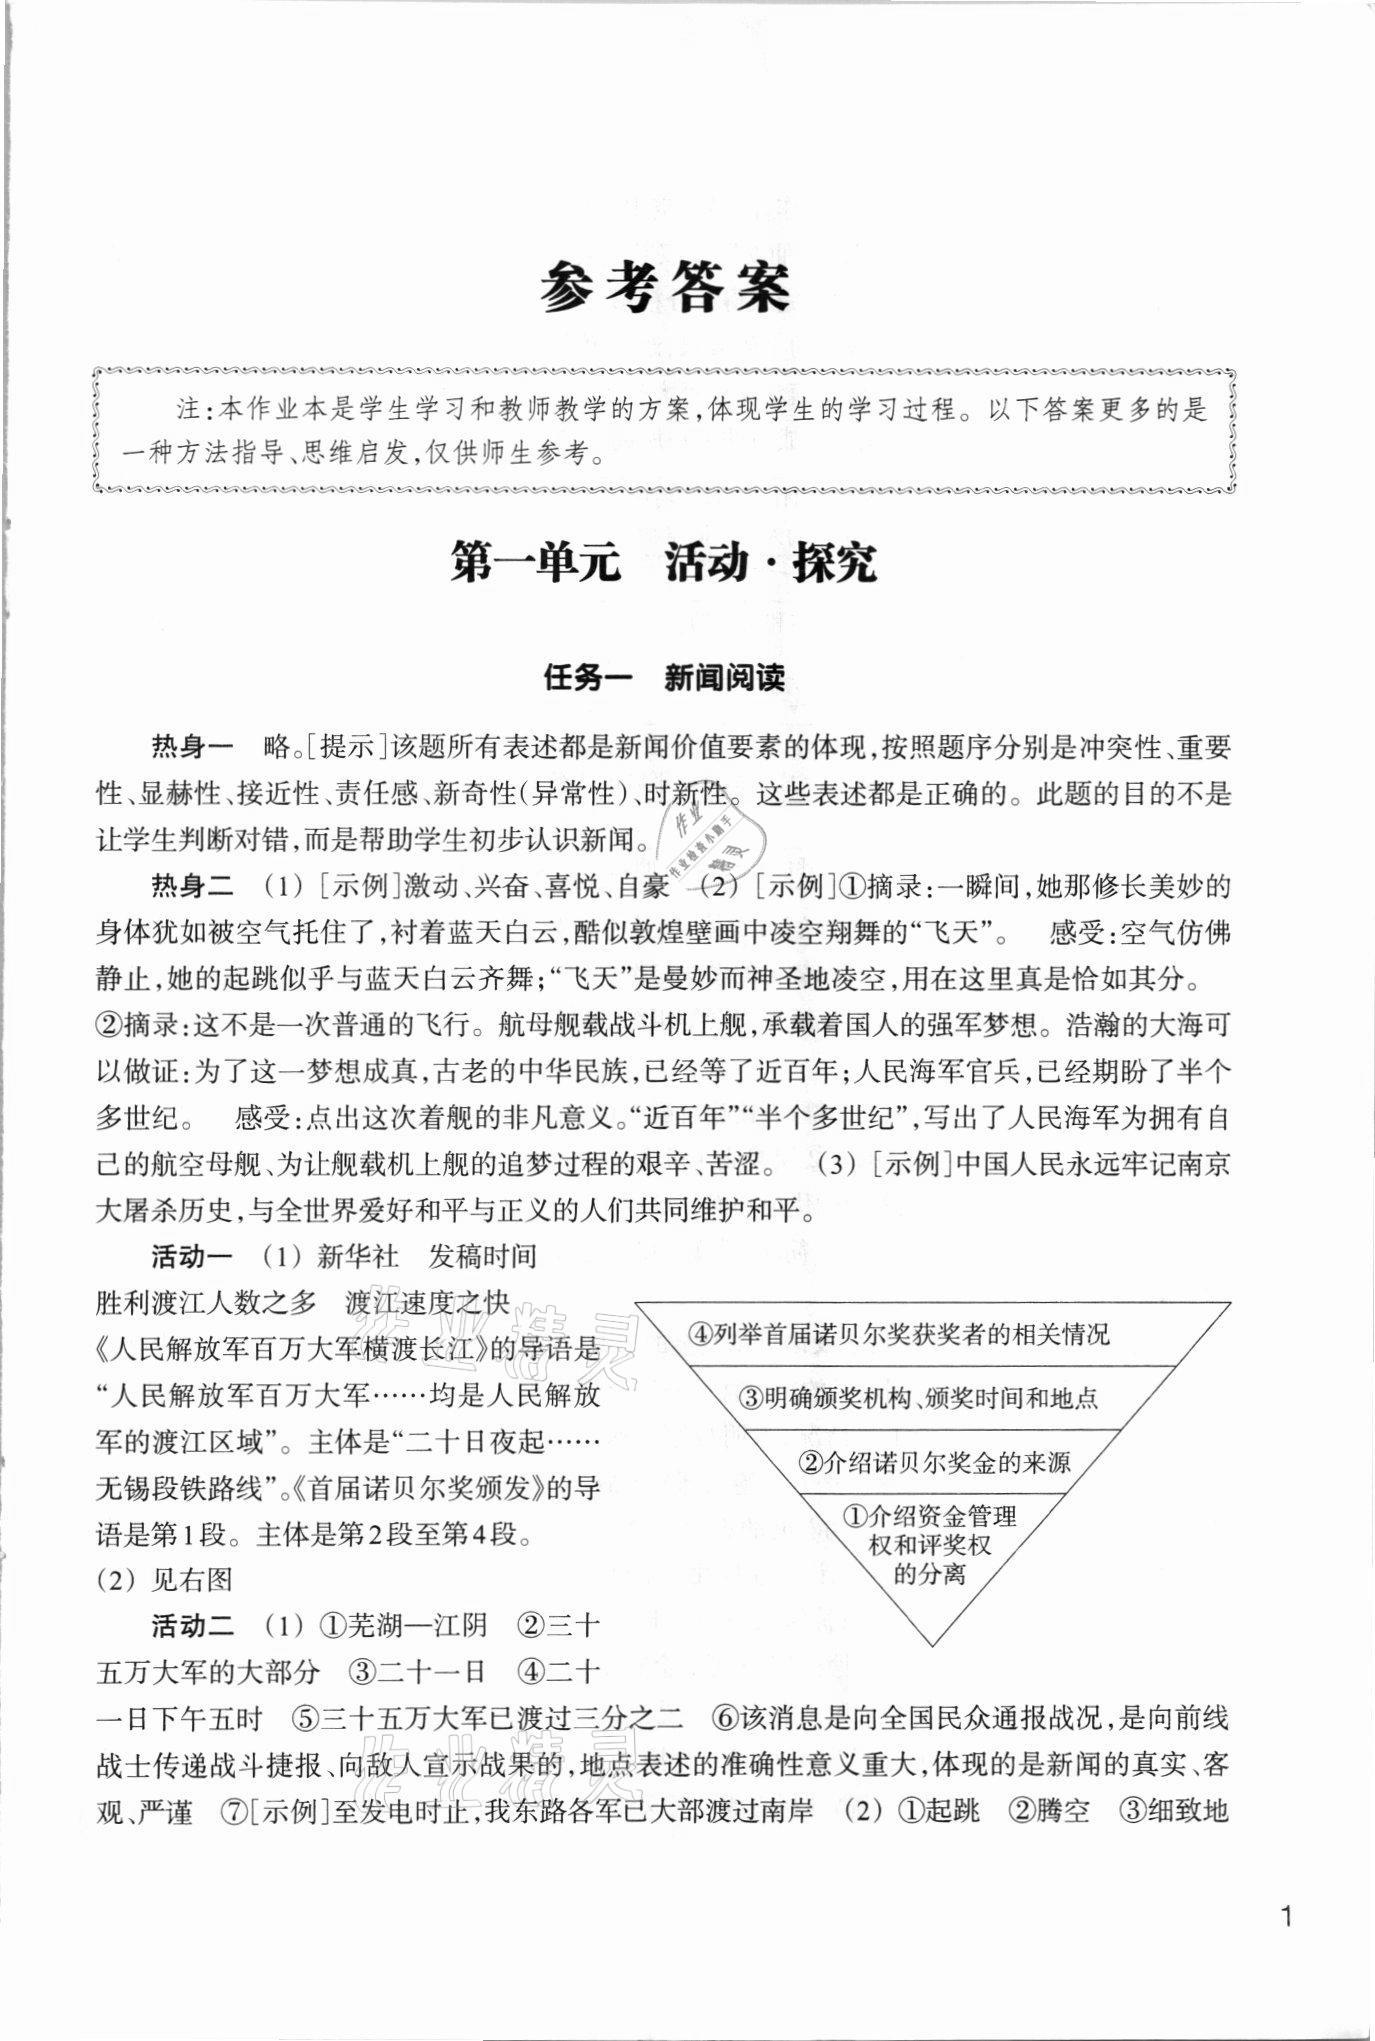 2021年作業本浙江教育出版社八年級語文上冊人教版參考答案第1頁